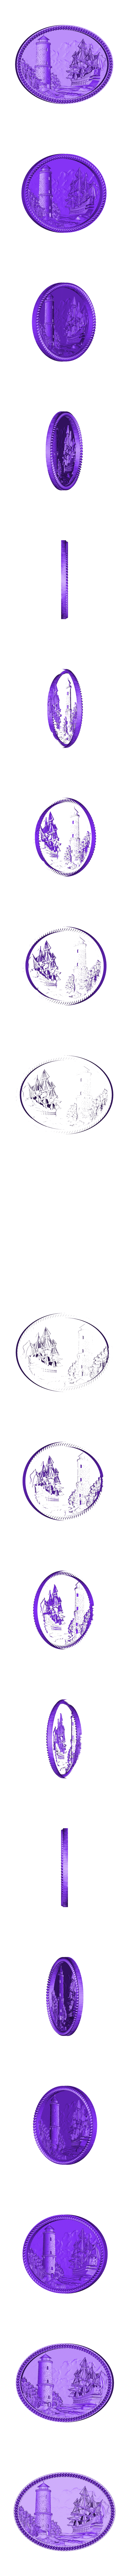 18.stl Télécharger fichier STL gratuit bateau bateau tour de mer attaque cnc art frame • Design imprimable en 3D, CNC_file_and_3D_Printing